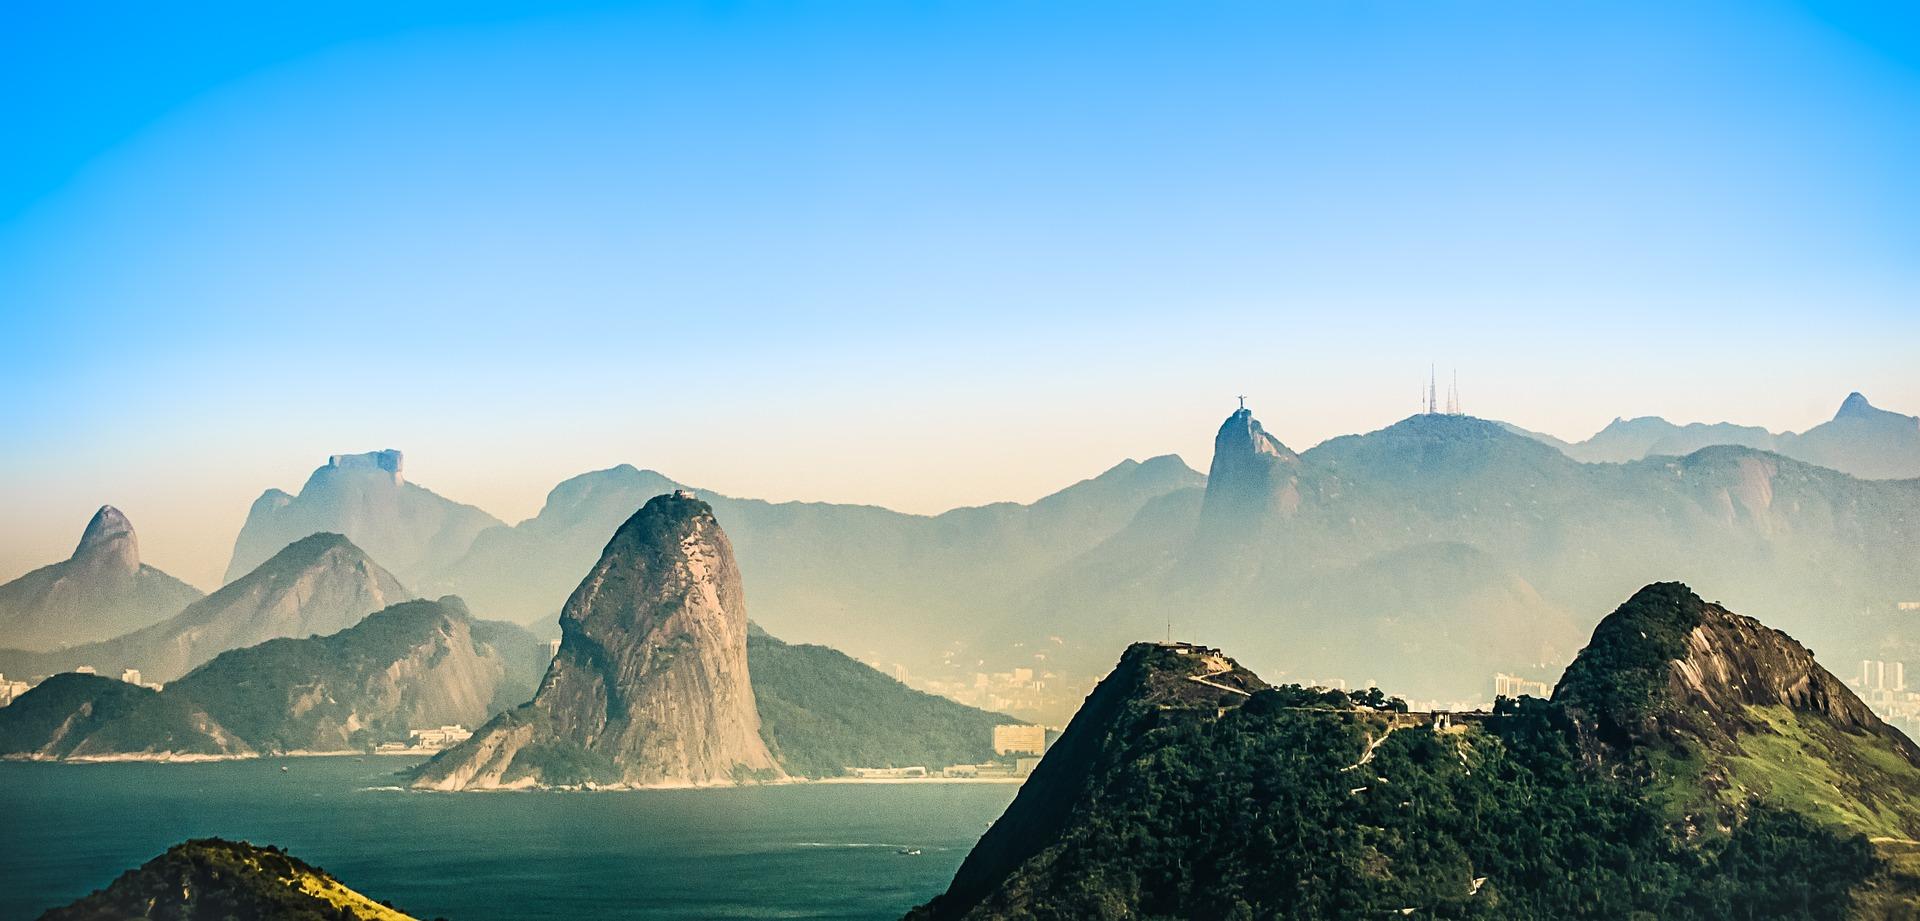 Рио-де-Жанейро отпуск, Бразилия, Христа-Искупителя, juegos olímpicos, Олимпийские игры - Обои HD - Профессор falken.com